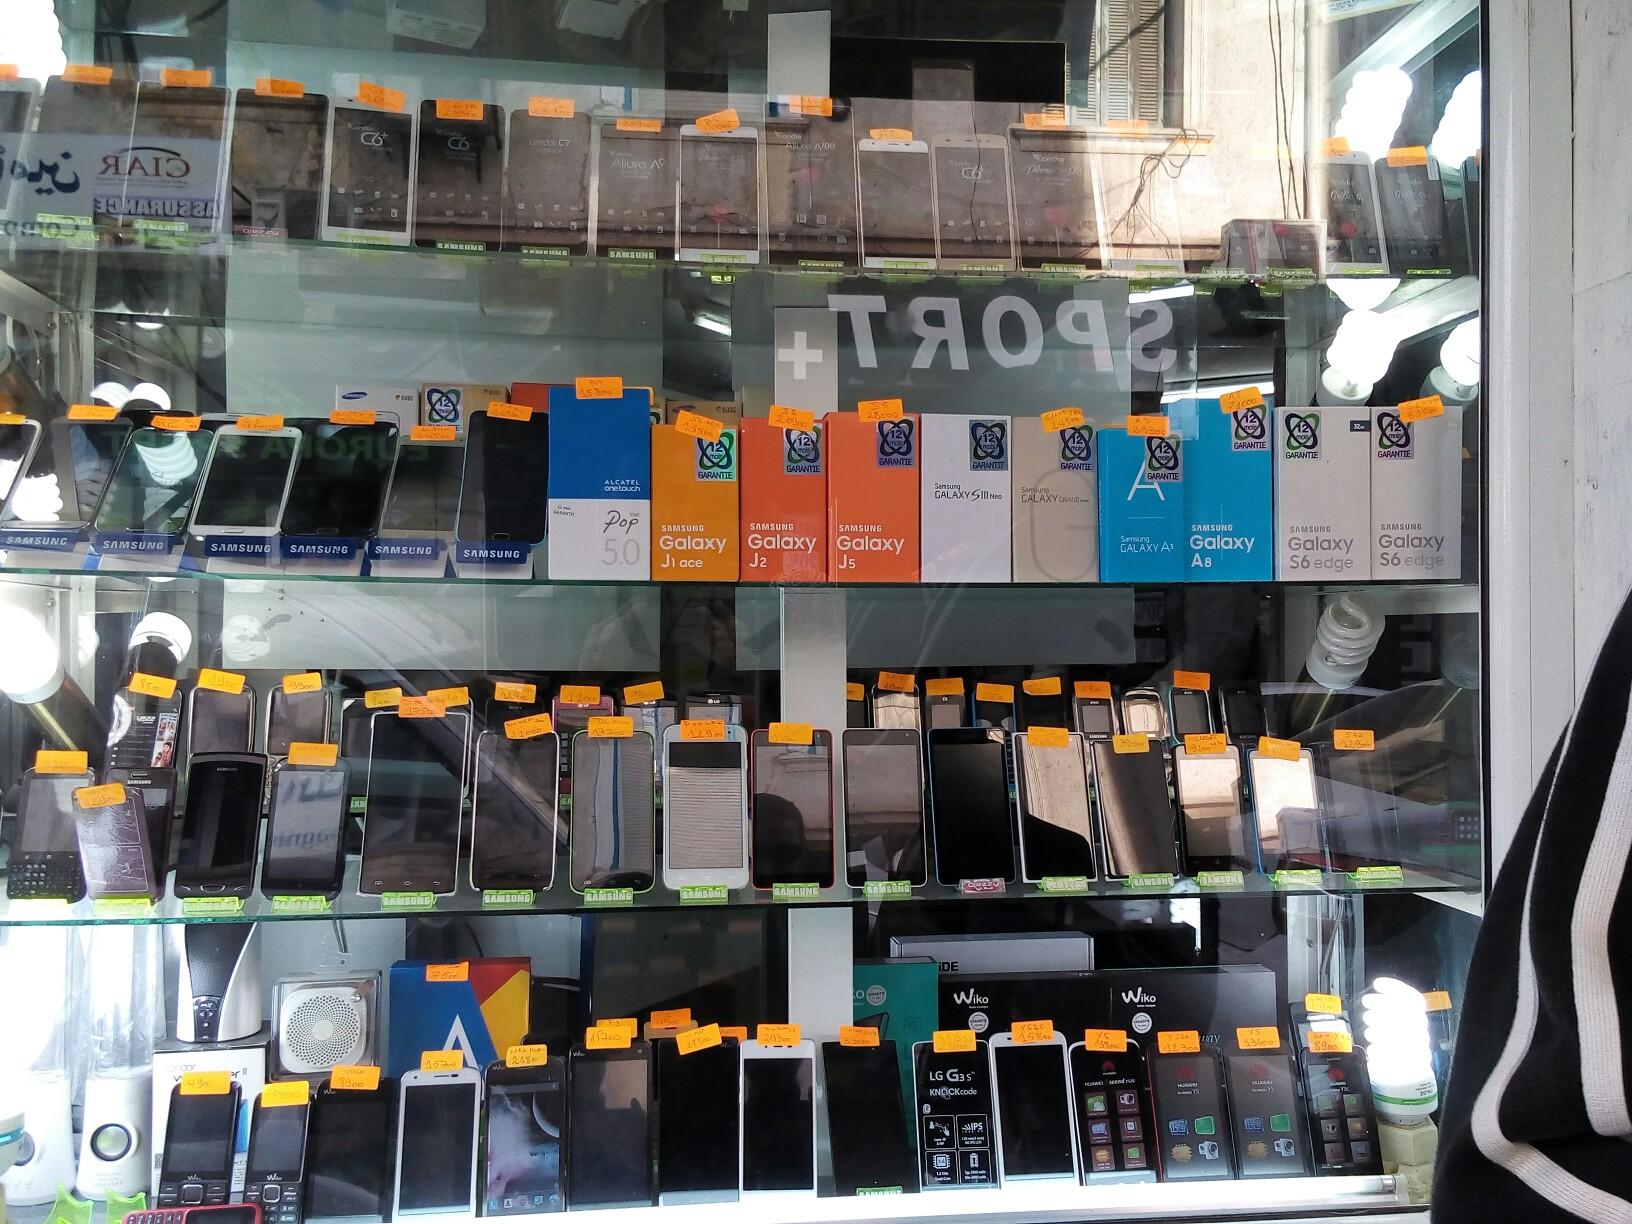 بائع هواتف سوري يكشف طريقة تتريك الهواتف في السوق السوداء